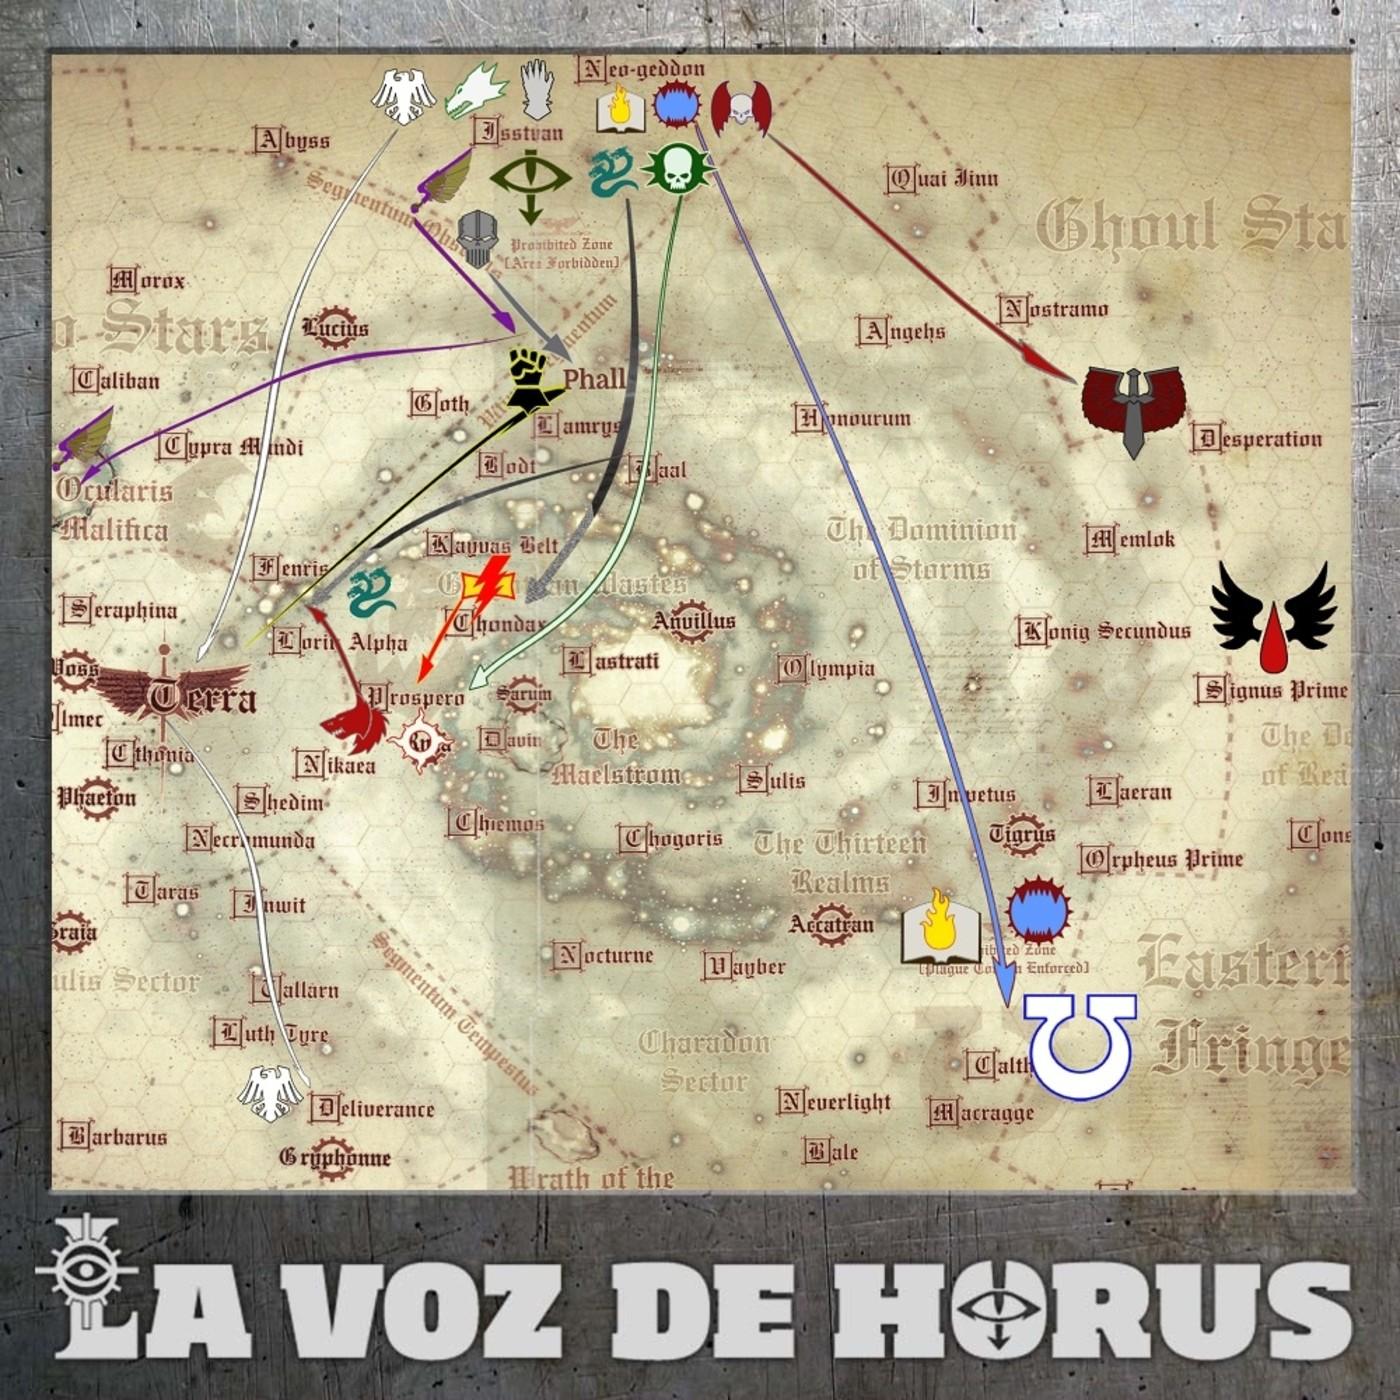 LVDH 180 - Crónica de la Herejía de Horus II: de Próspero a Calth